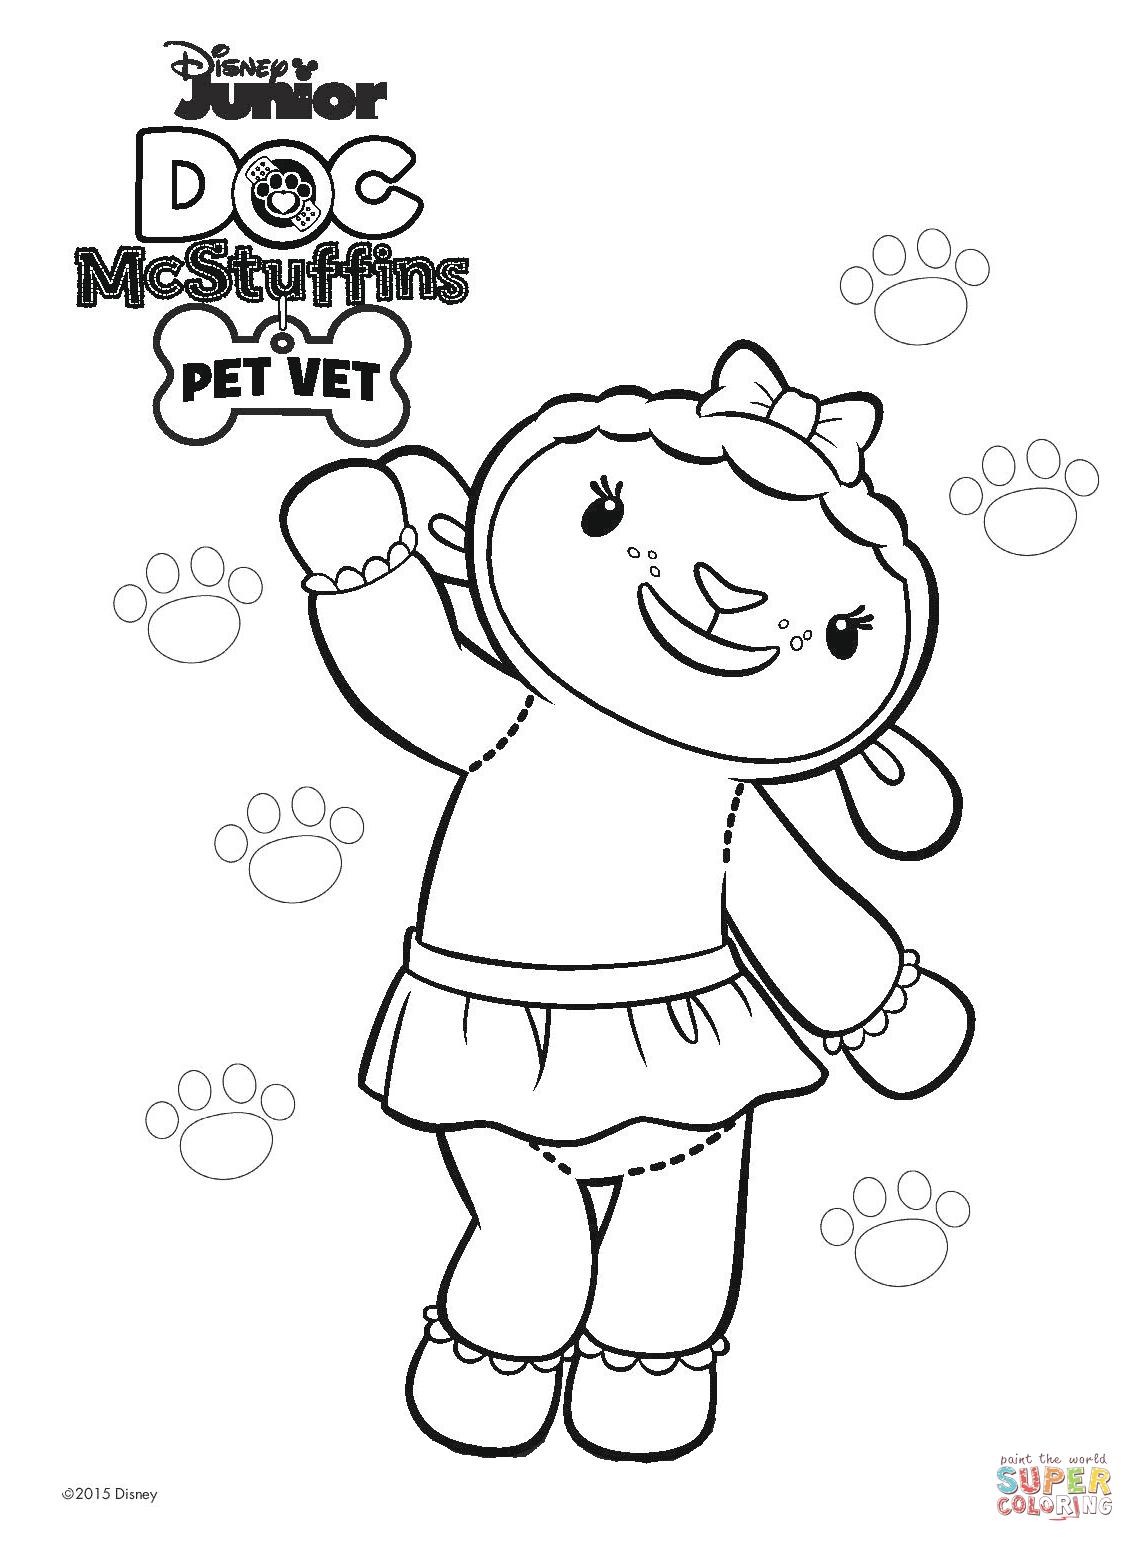 1135x1542 Doc Mcstuffins Drawing Download Coloring Pages. Doc Mcstuffins